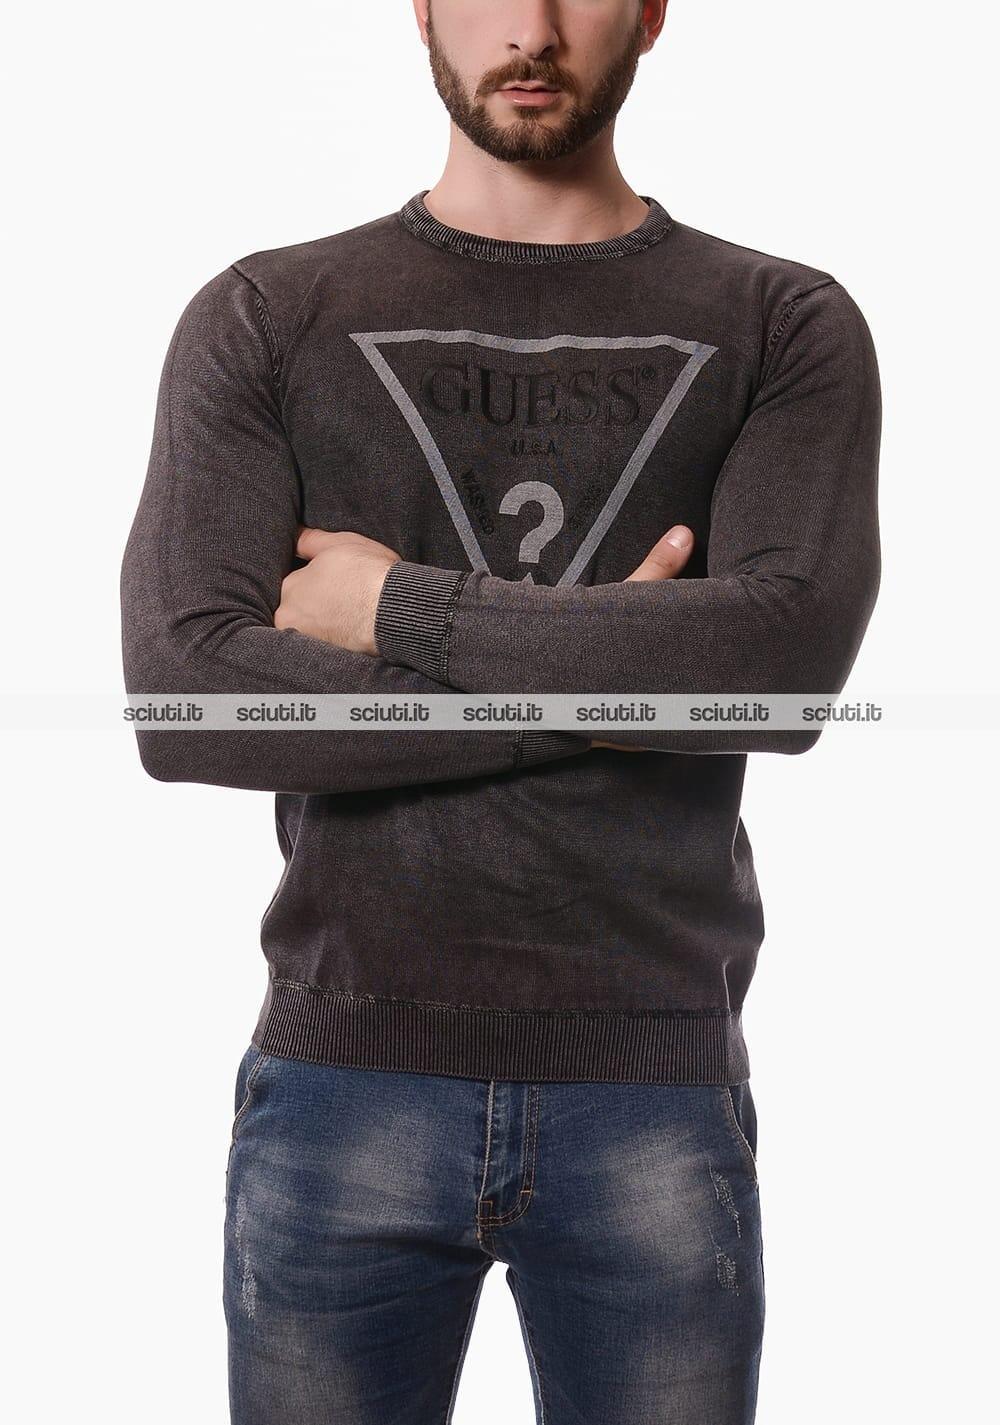 in vendita 1ab62 33b24 Maglia Guess uomo logo frontale nero